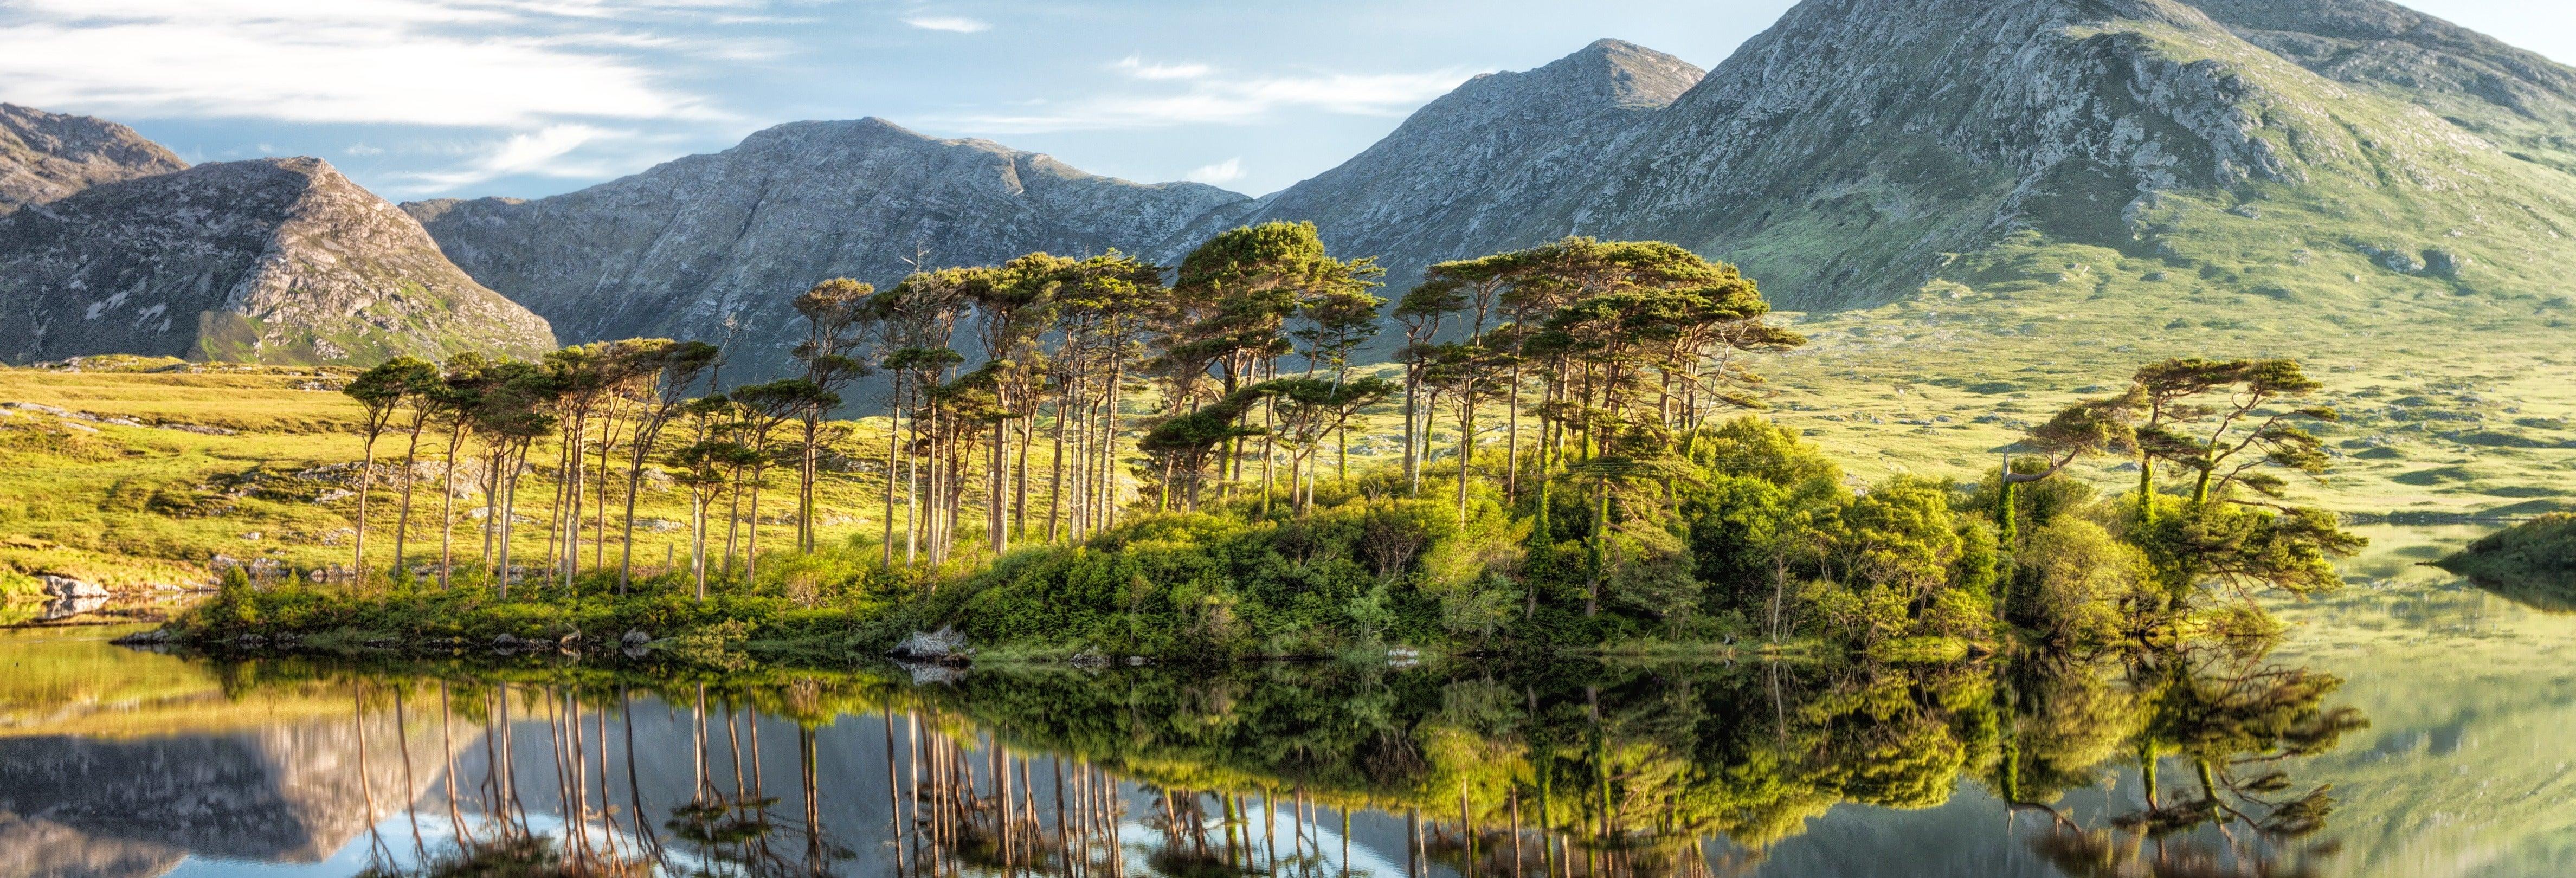 Tour por la Ruta del Atlántico Salvaje y Connemara